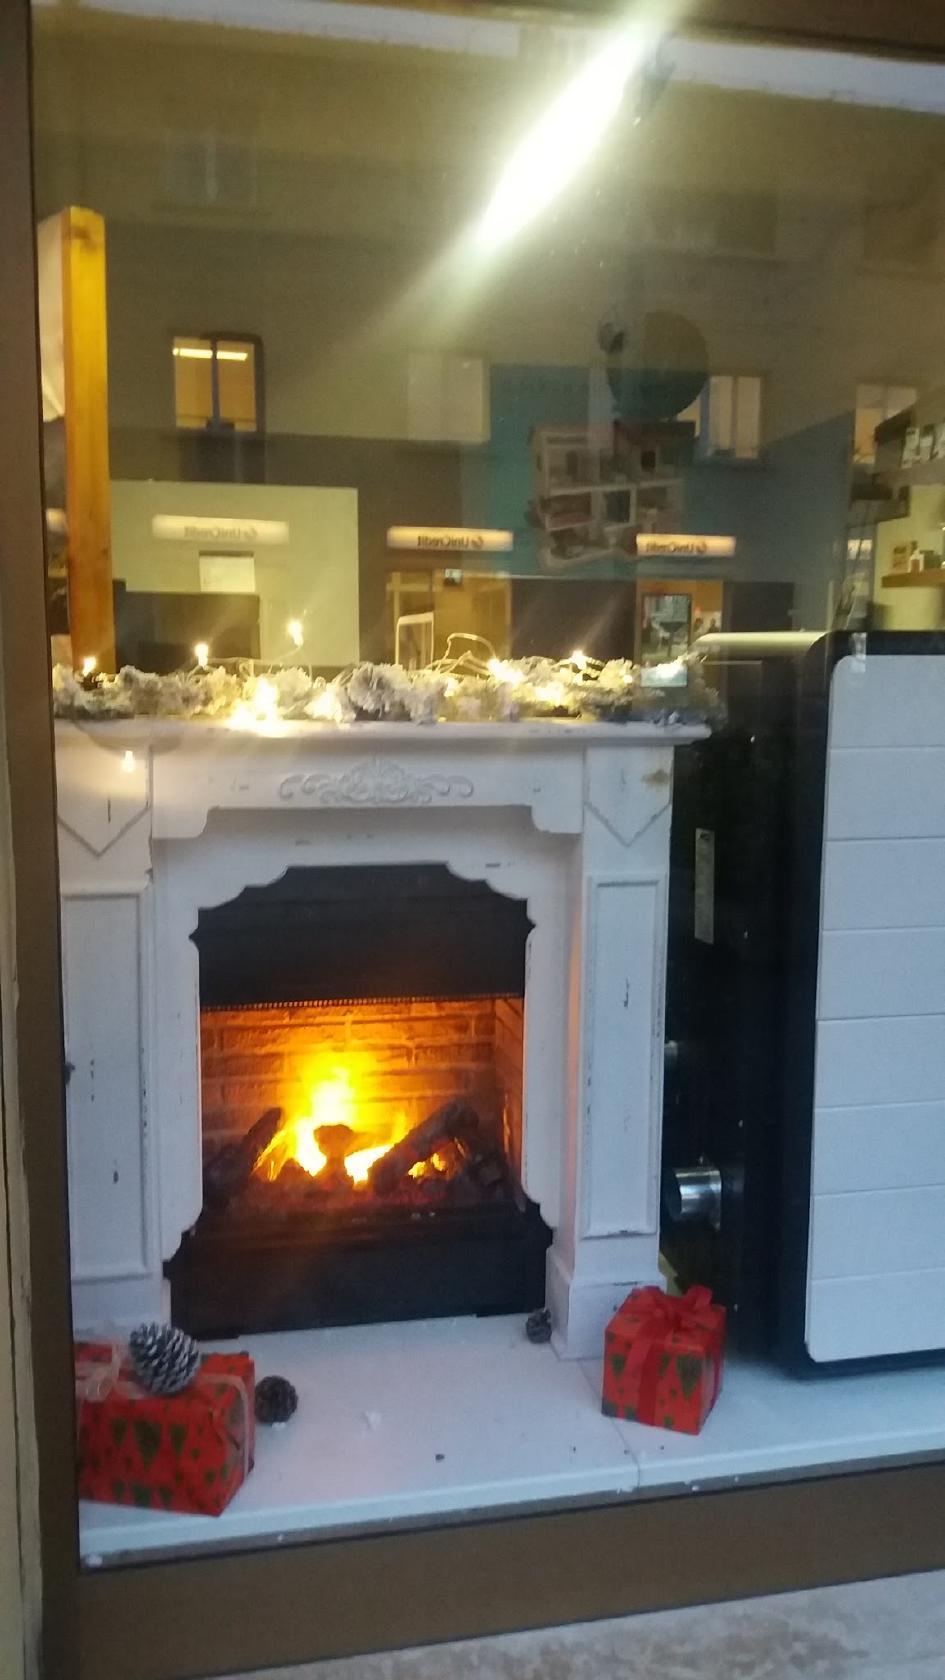 Camini E Stufe Emilia Romagna il focolare caminetti, barbecue e stufe, bologna - menu e